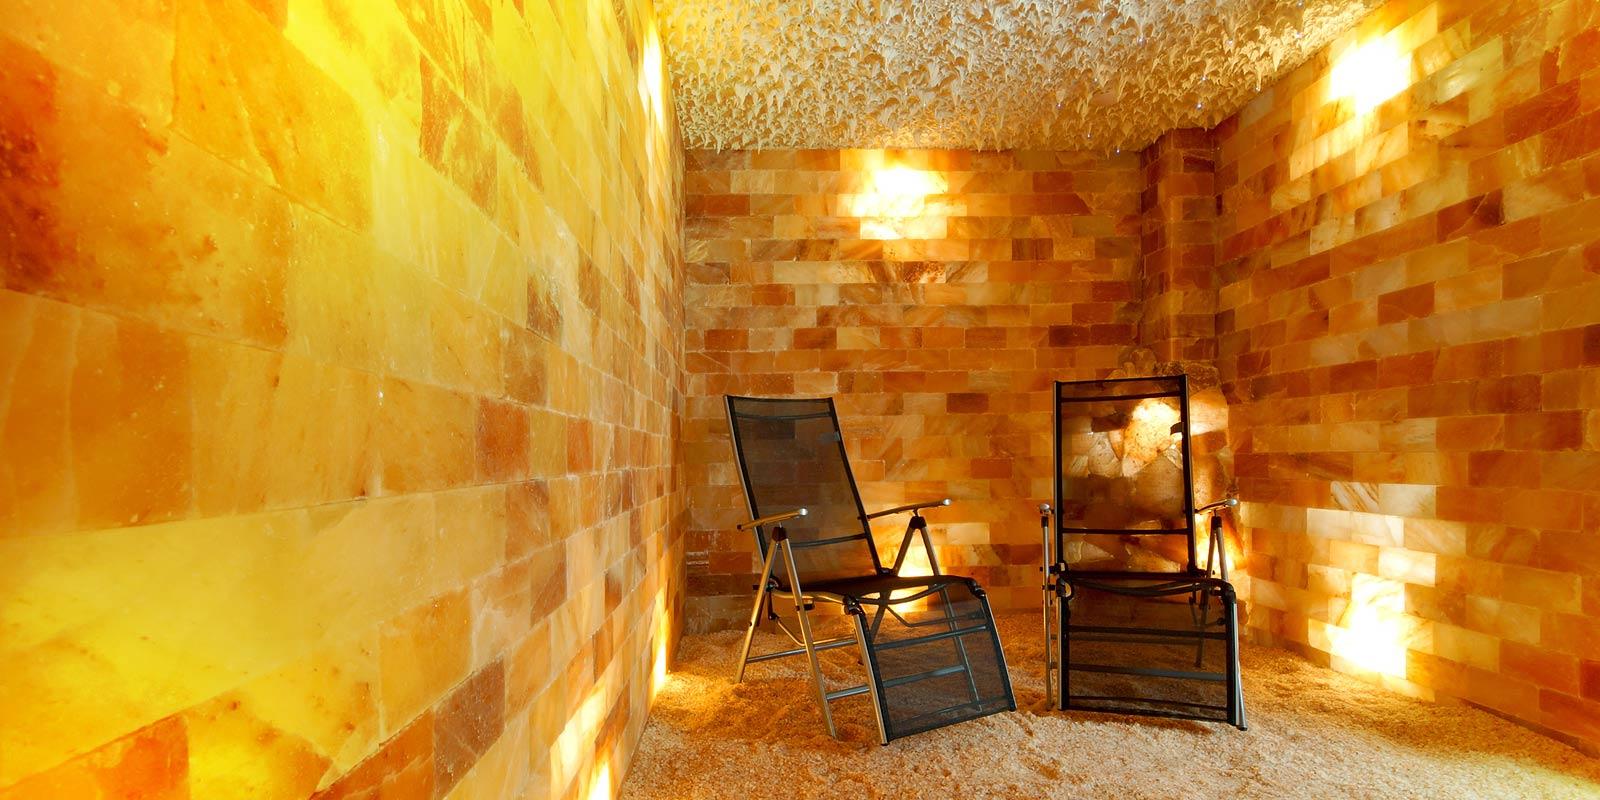 Interiér solné jeskyně s krápníkovým stropem a solným vodopádem